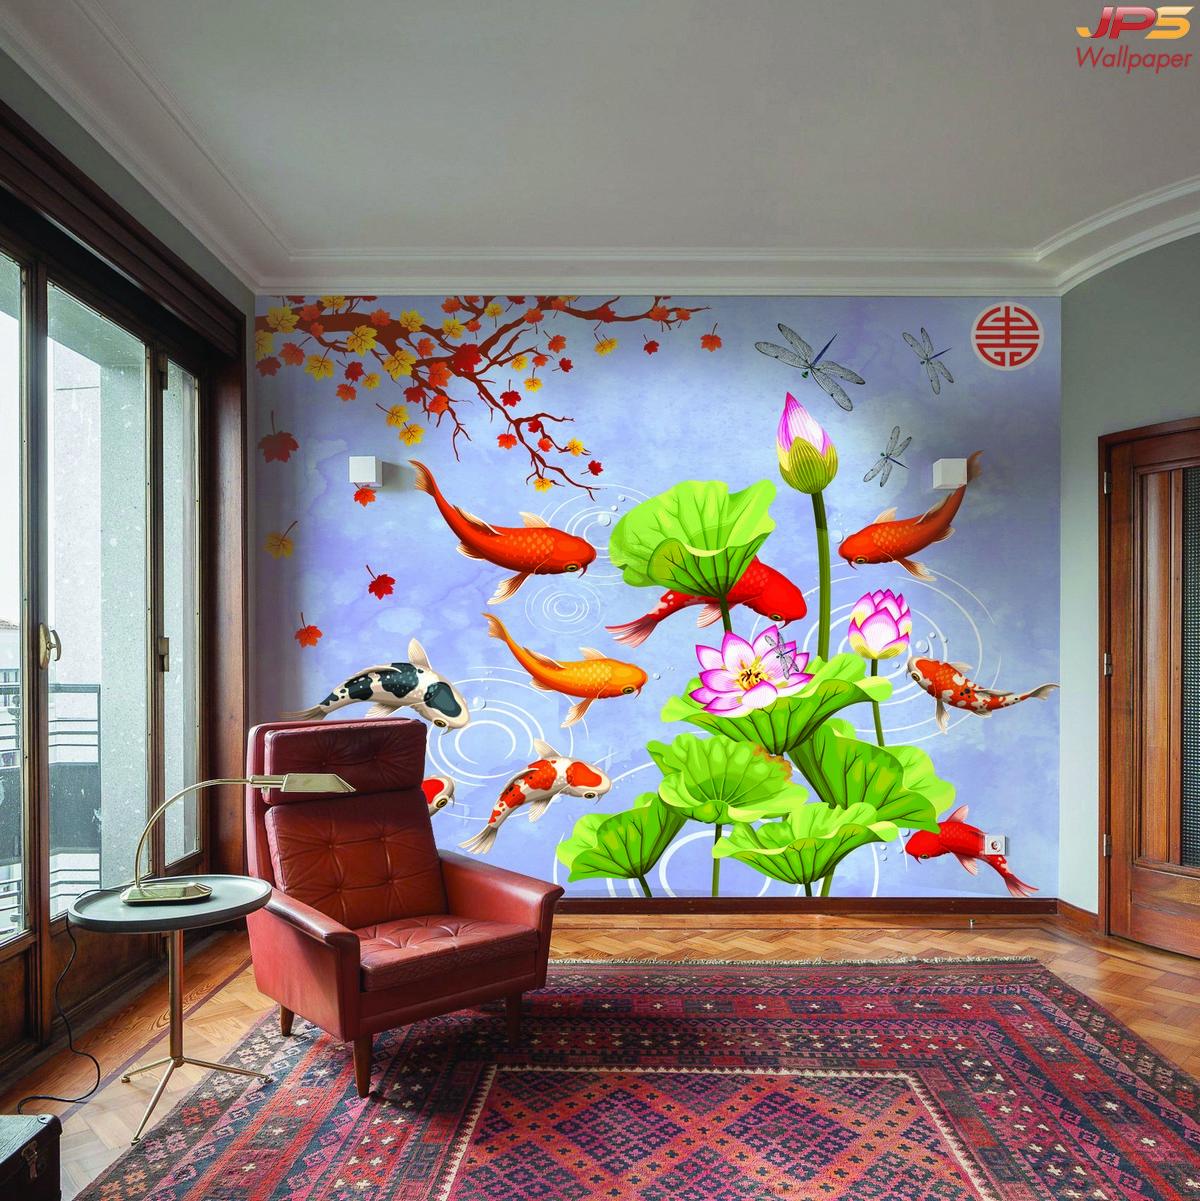 ภาพมงคลติดห้อง  ลายปลาคาร์ฟ 9ตัว ในสระดอกบัว สวยงาม ติดผนังห้องนั่งเล่น  แบบที่ 20-EX